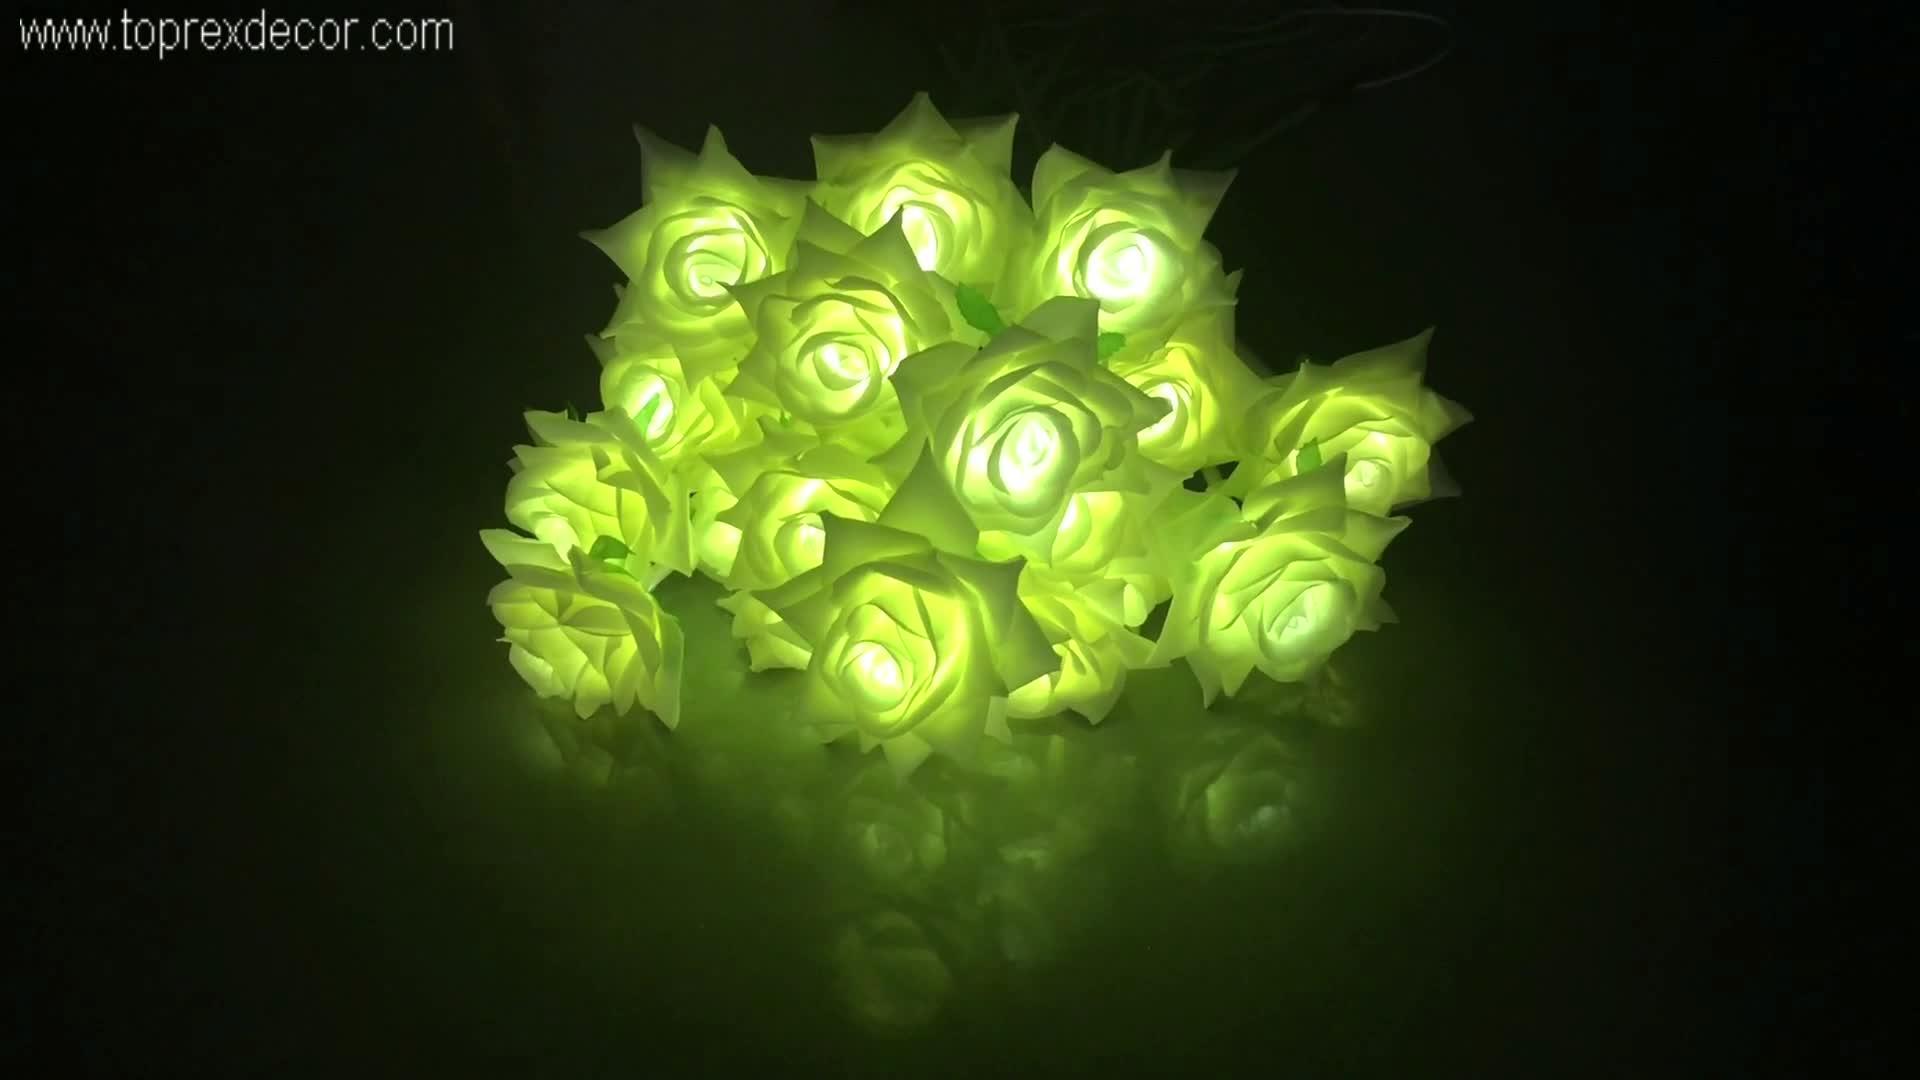 Toprex saint-valentin ramadan noël décor PU de haute qualité ip65 matériel led artificielle rose fleur lumières avec tige